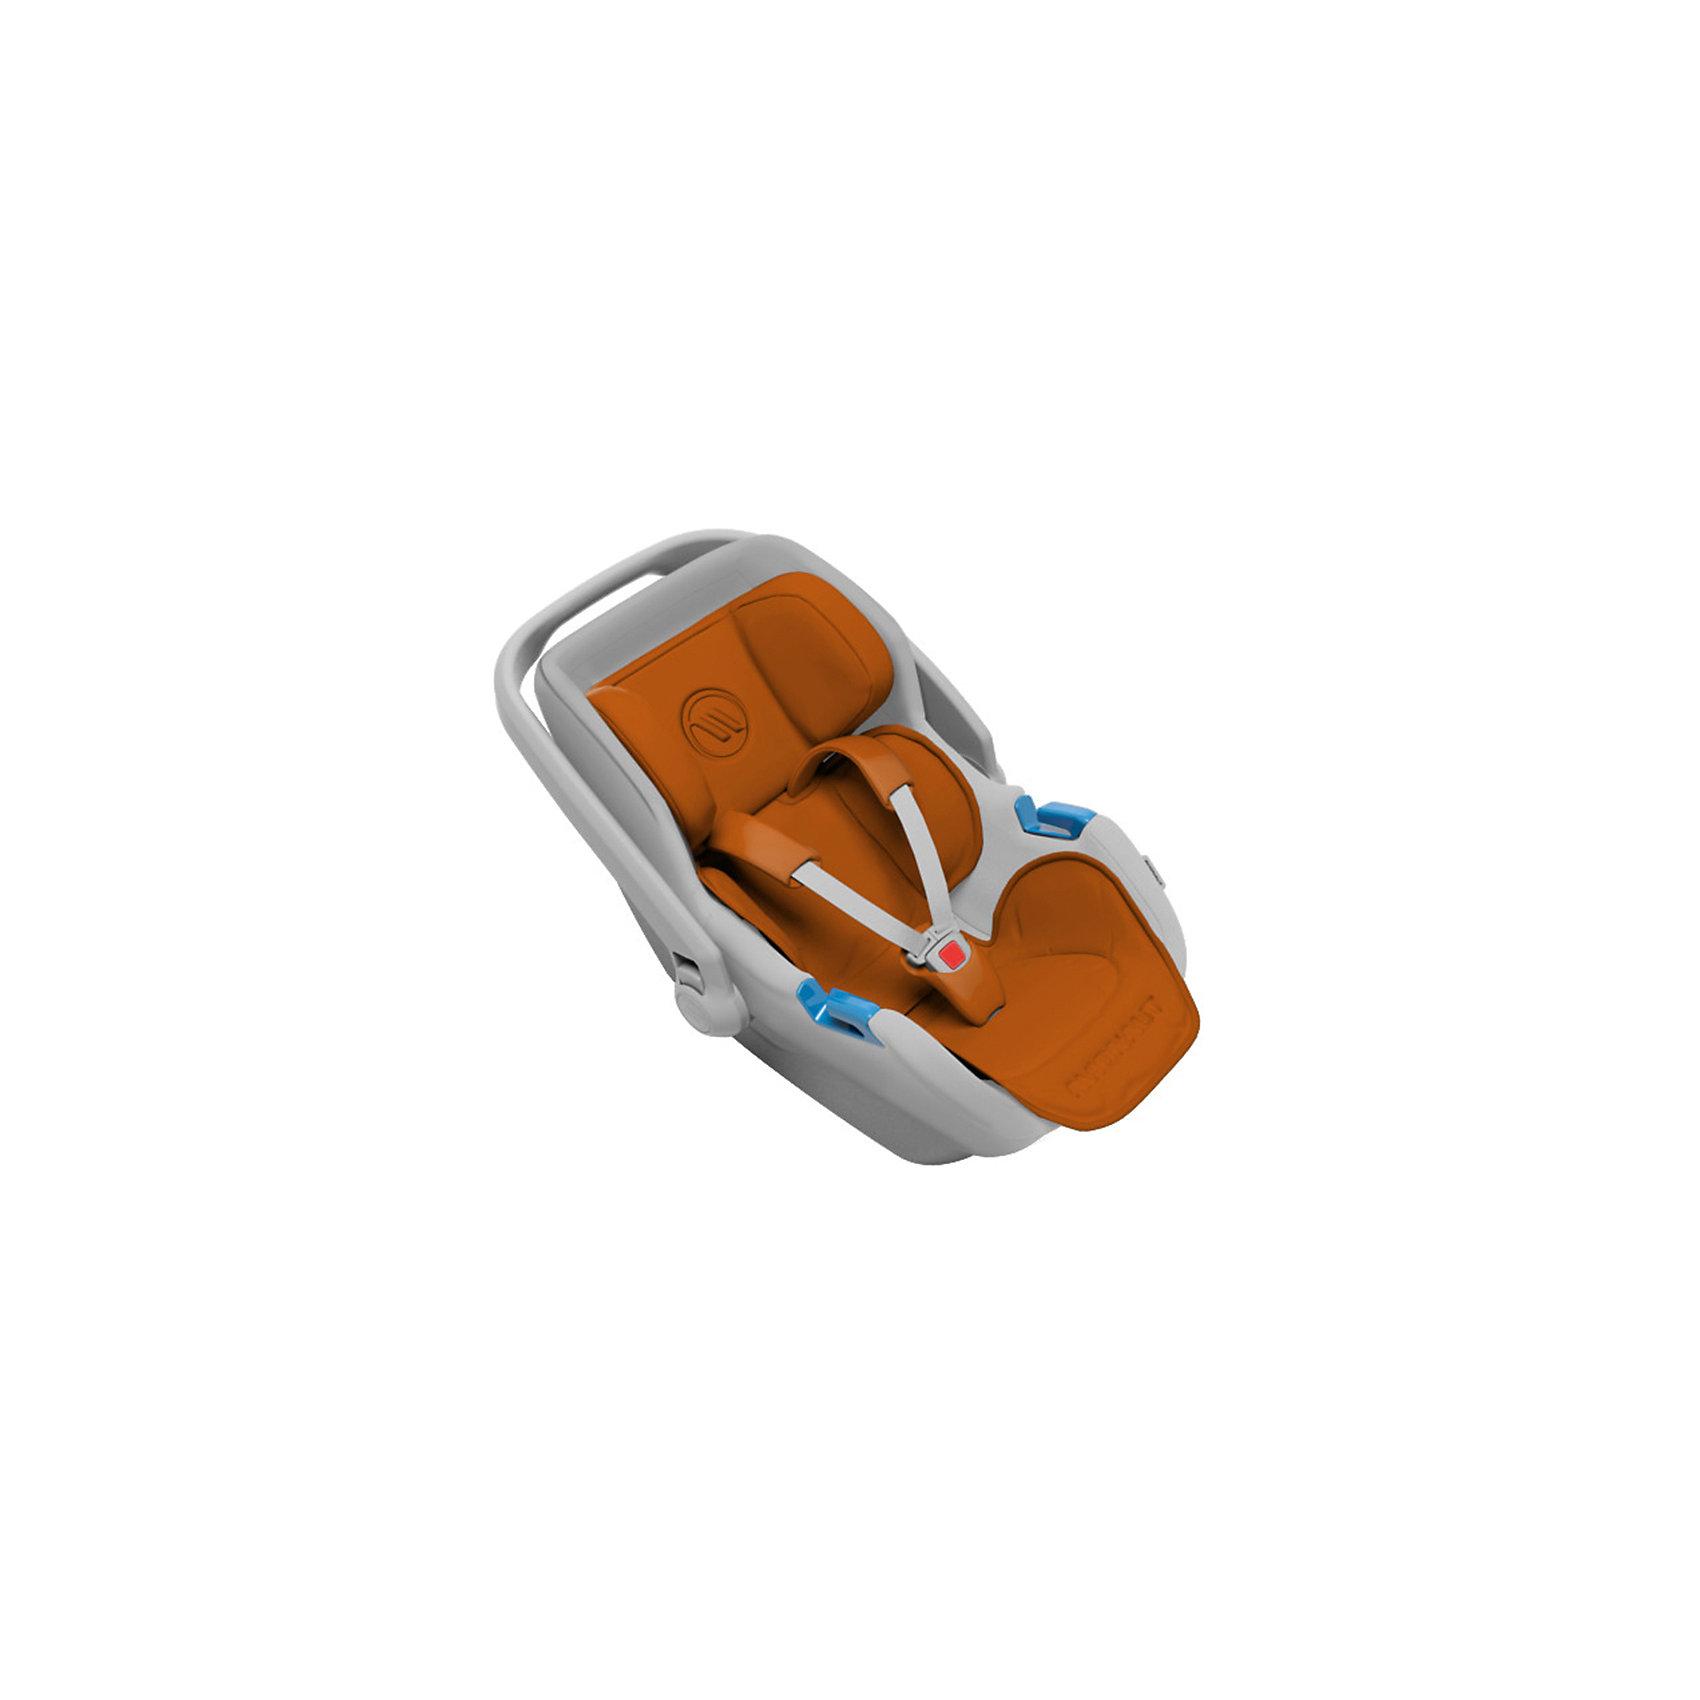 Автокресло Avionaut Jet, 0-13кг, коричневый/серыйГруппа 0+ (До 13 кг)<br>Характеристики автокресла:<br><br>• группа: 0-0+;<br>• вес ребенка: до 13 кг;<br>• способ крепления: штатные ремни безопасности;<br>• способ установки: против хода движения автомобиля;<br>• 3-х точечные ремни безопасности, регулируемые по длине и высоте;<br>• высота подголовника регулируется;<br>• ручка для переноски автокресла;<br>• тент от солнечных лучей, можно снять и спрятать в кармашек на молнии;<br>• хлопковая обивка, снимается и стирается при температуре 30 градусов;<br>• имеется подушечка для малыша;<br>• полистиреновые вкладыши;<br>• имеется встроенный адаптер для установки автокресла на шасси коляски.<br><br>Размер автокресла: 71х65х81 см<br>Вес автокресла: 3 кг<br>Размер упаковки: 70х44х37 см<br>Вес в упаковке: 3,5 кг<br><br>Автокресло Jet, 0-13кг., Avionaut, коричневый/серый можно купить в нашем интернет-магазине.<br><br>Ширина мм: 710<br>Глубина мм: 650<br>Высота мм: 810<br>Вес г: 3500<br>Возраст от месяцев: 0<br>Возраст до месяцев: 12<br>Пол: Унисекс<br>Возраст: Детский<br>SKU: 5559159